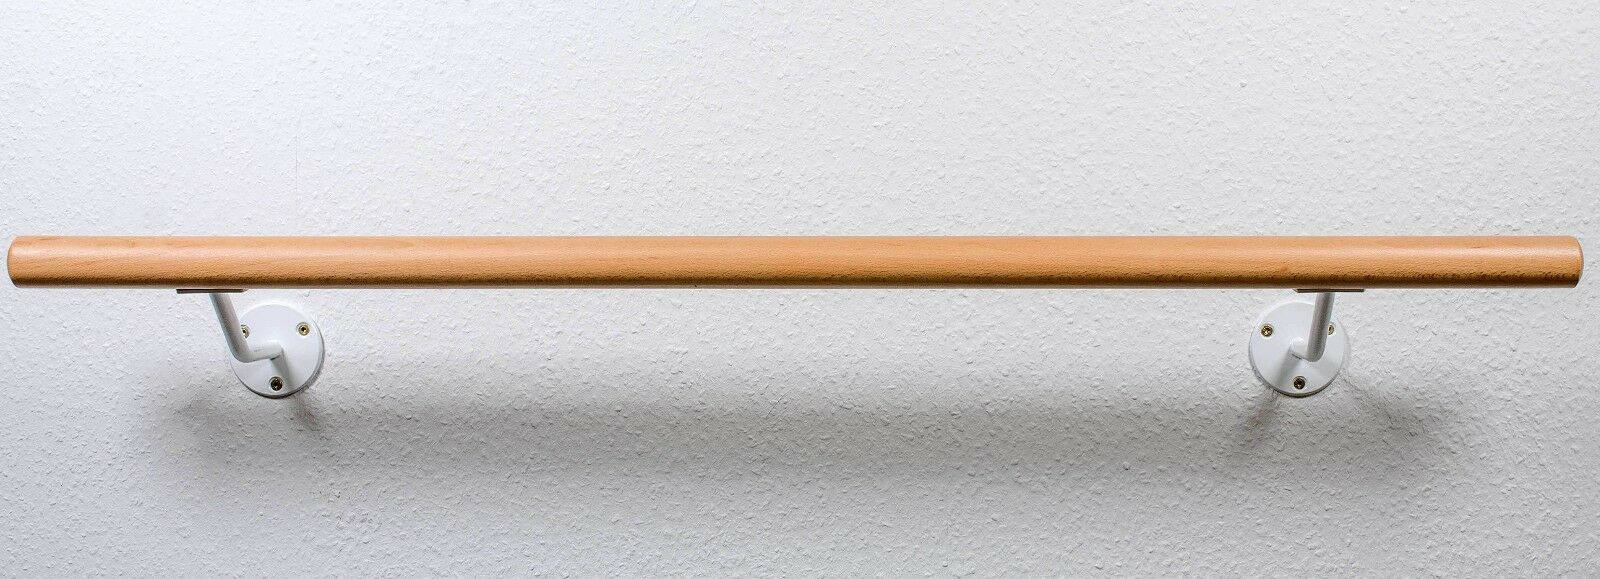 Ballettstange Holz 20cm Wandabstand weiße Wandhalter  21 Längen lieferbar lieferbar lieferbar 489321